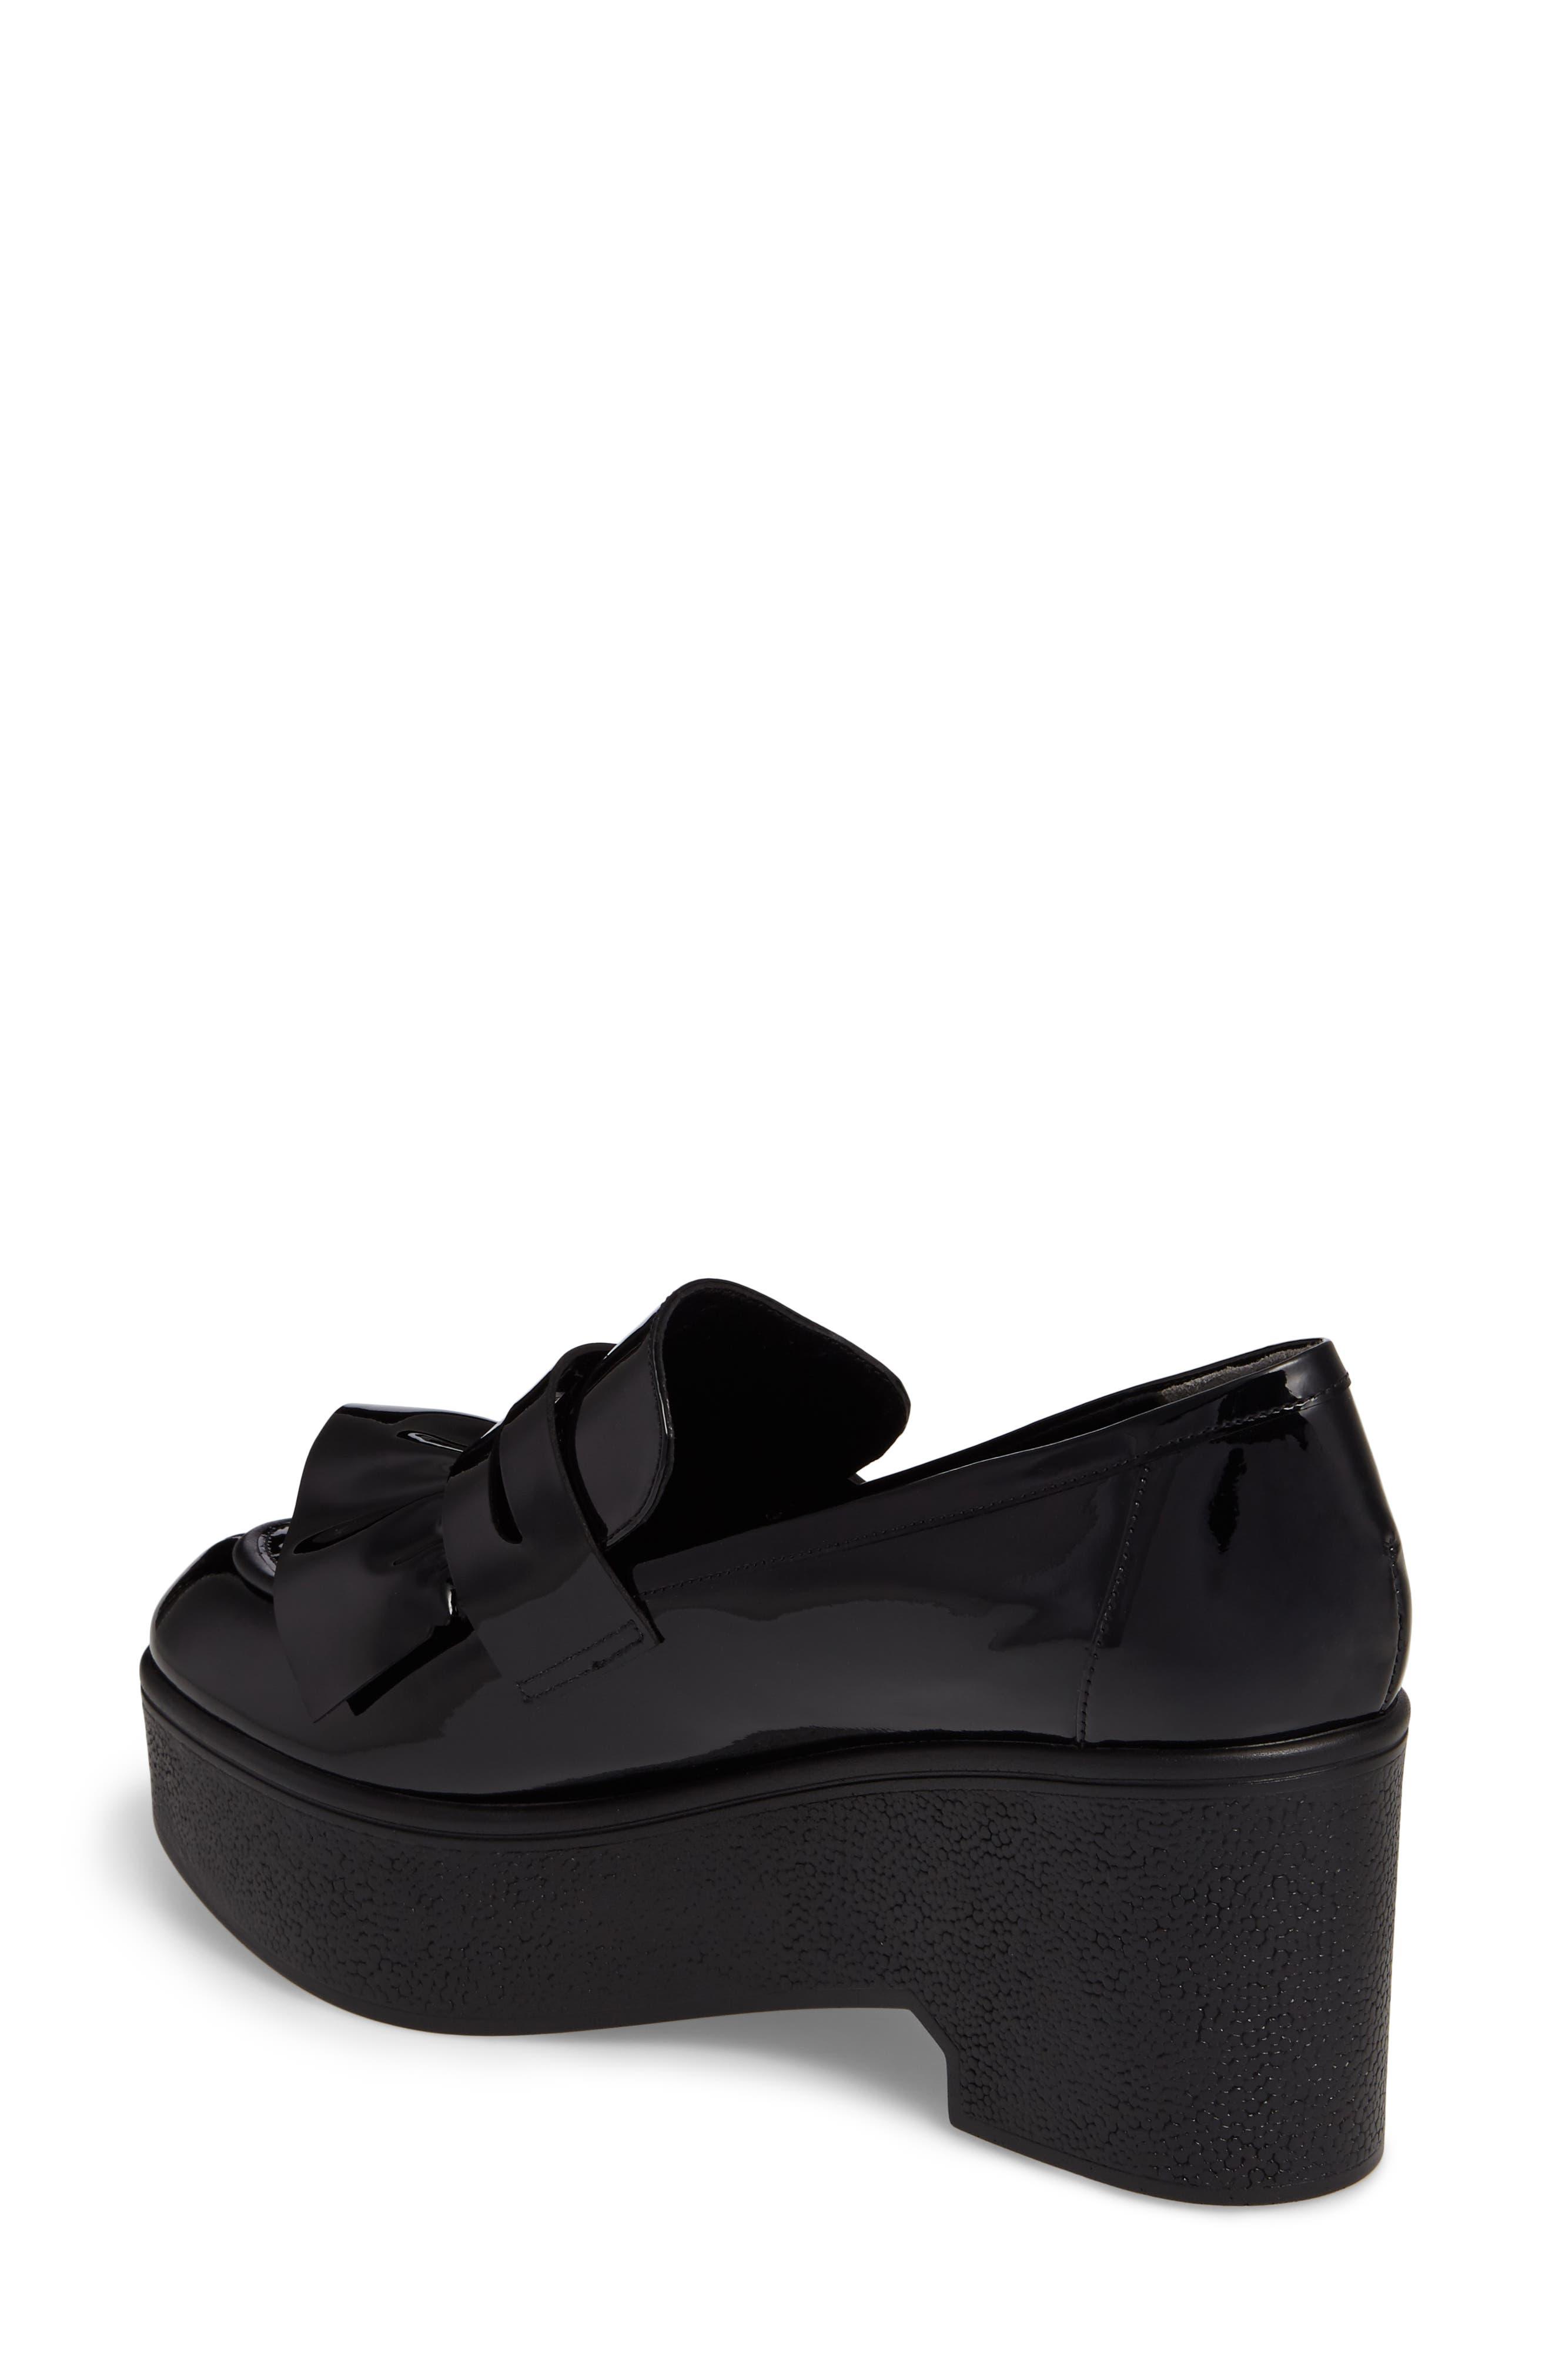 Xock Platform Loafer,                             Alternate thumbnail 2, color,                             Black